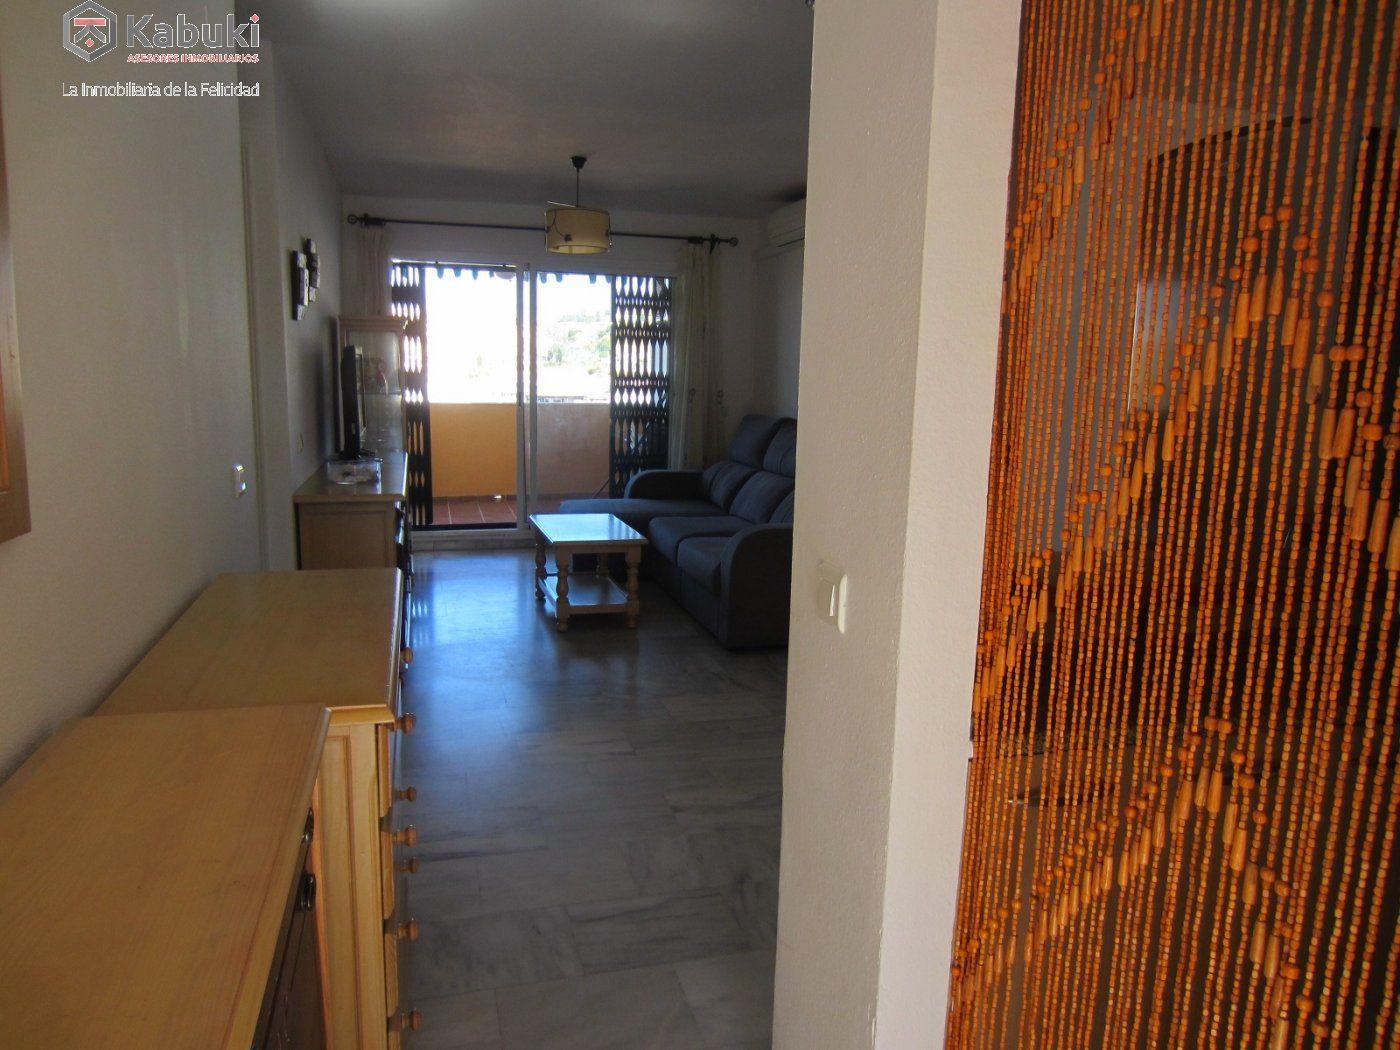 Coqueto apartamento en mijas, a un paso del mar. en urbanización con piscina. - imagenInmueble22